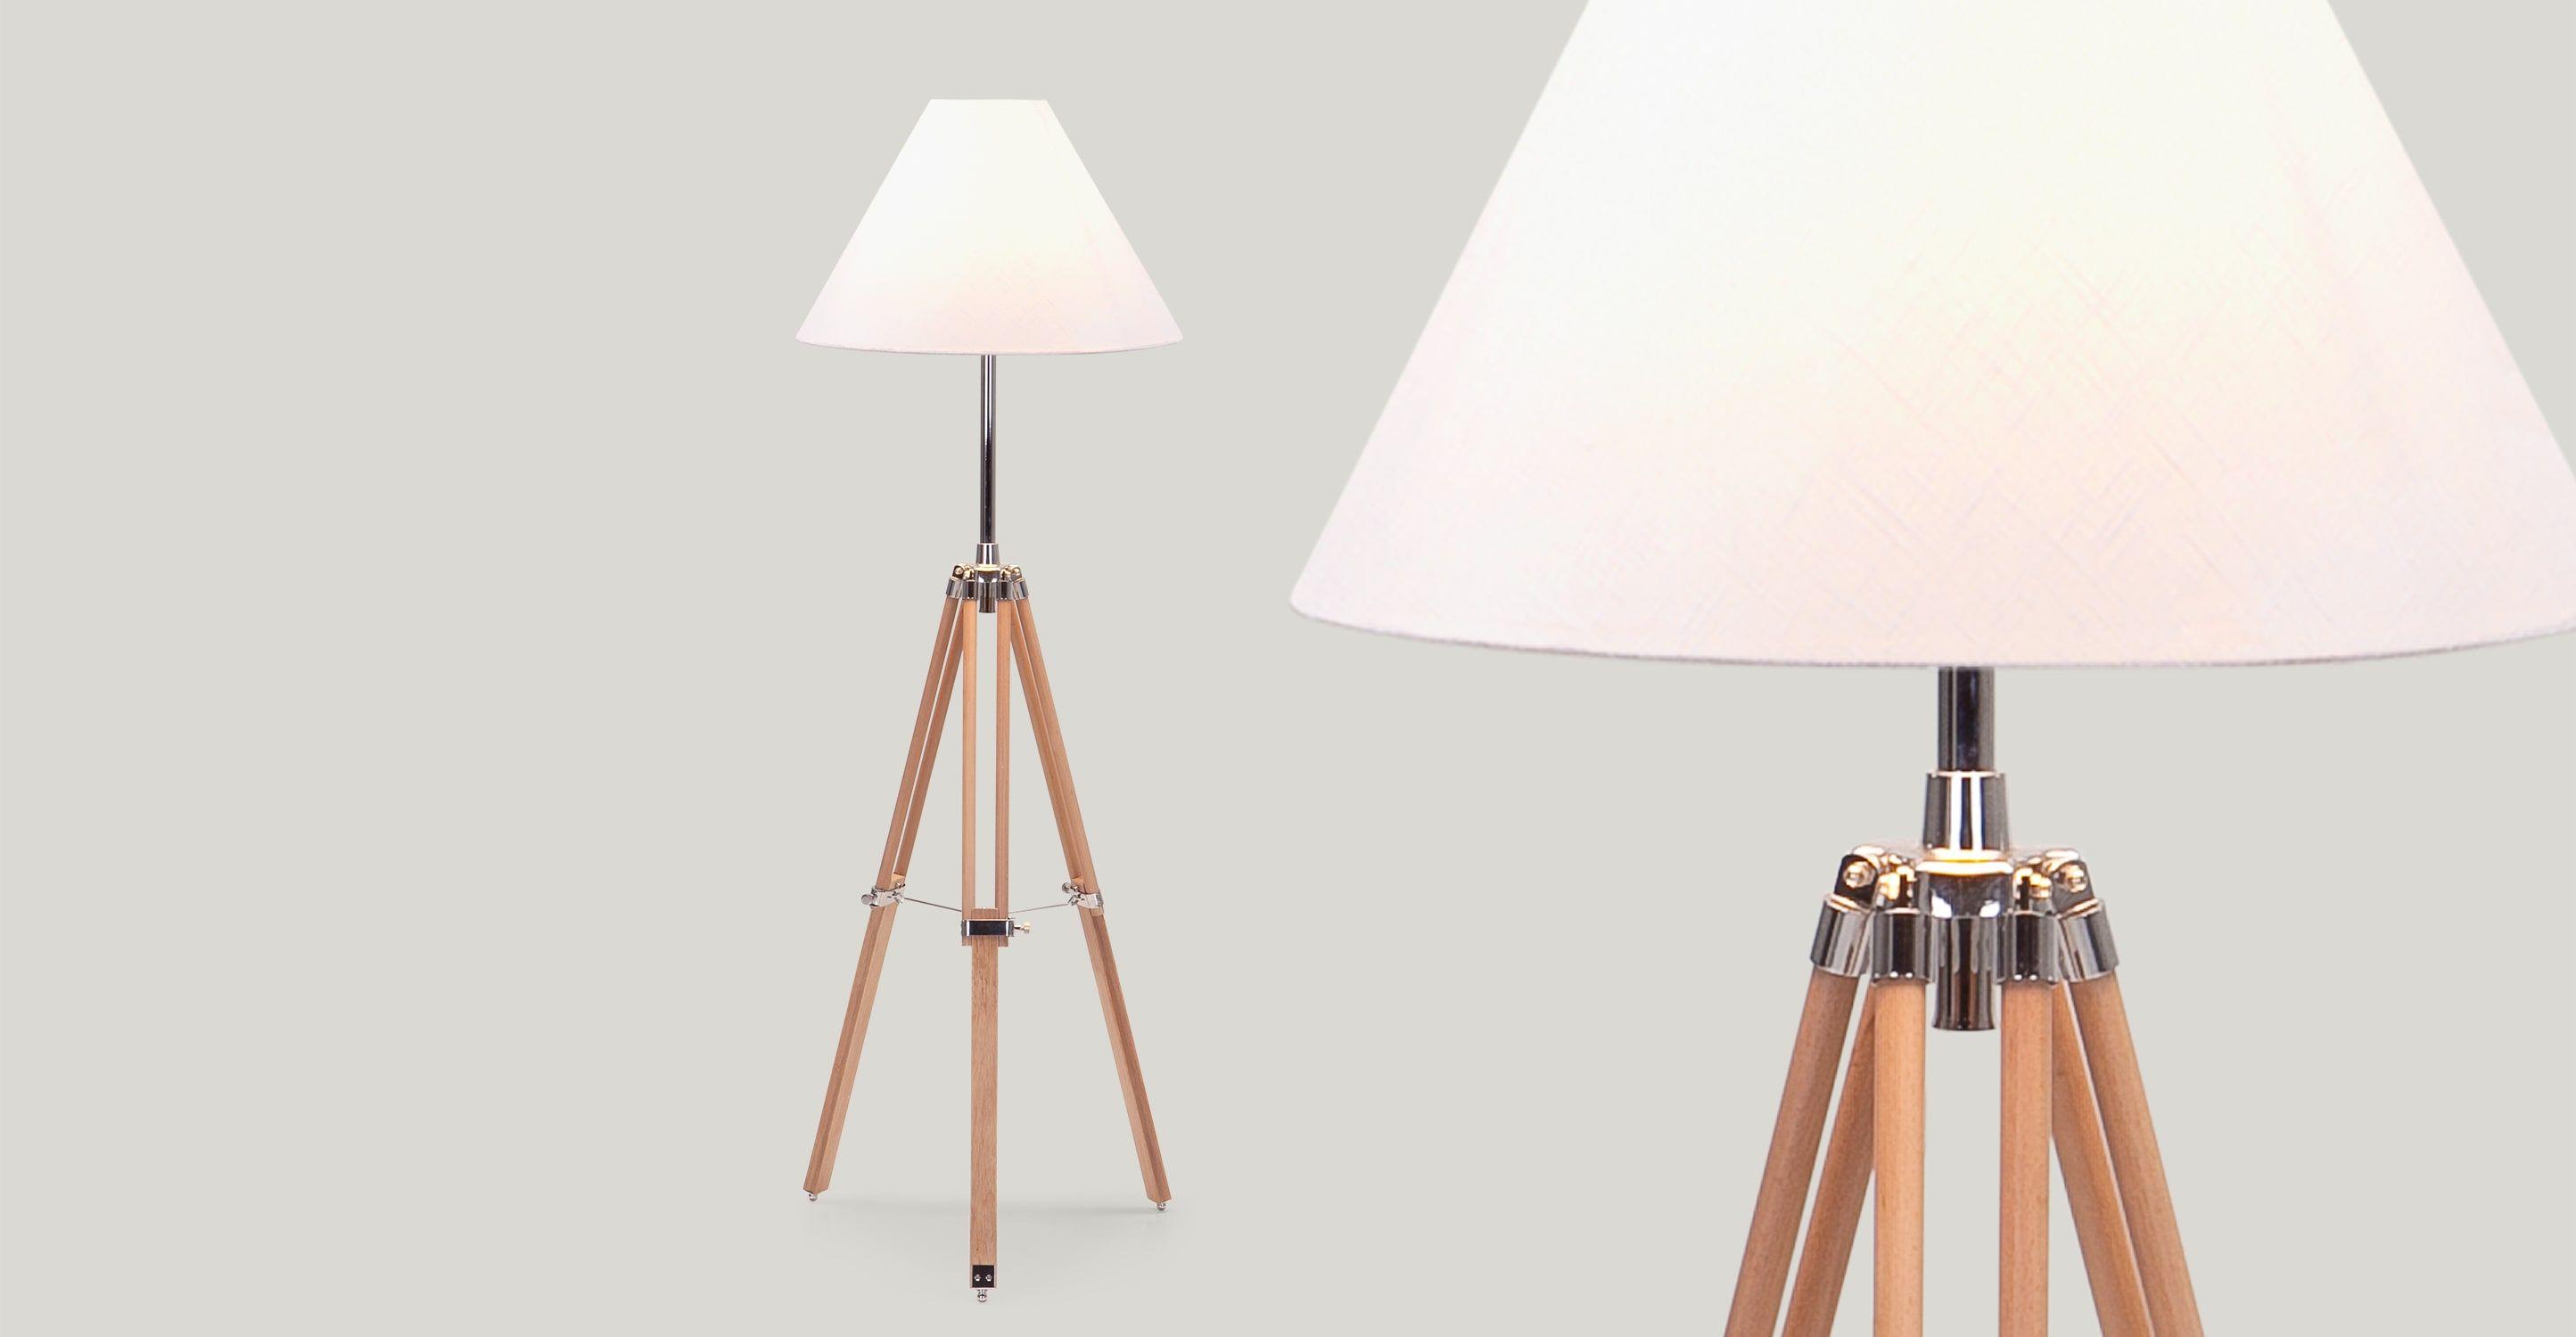 Navy driepoot staande lamp in naturel hout mi casa